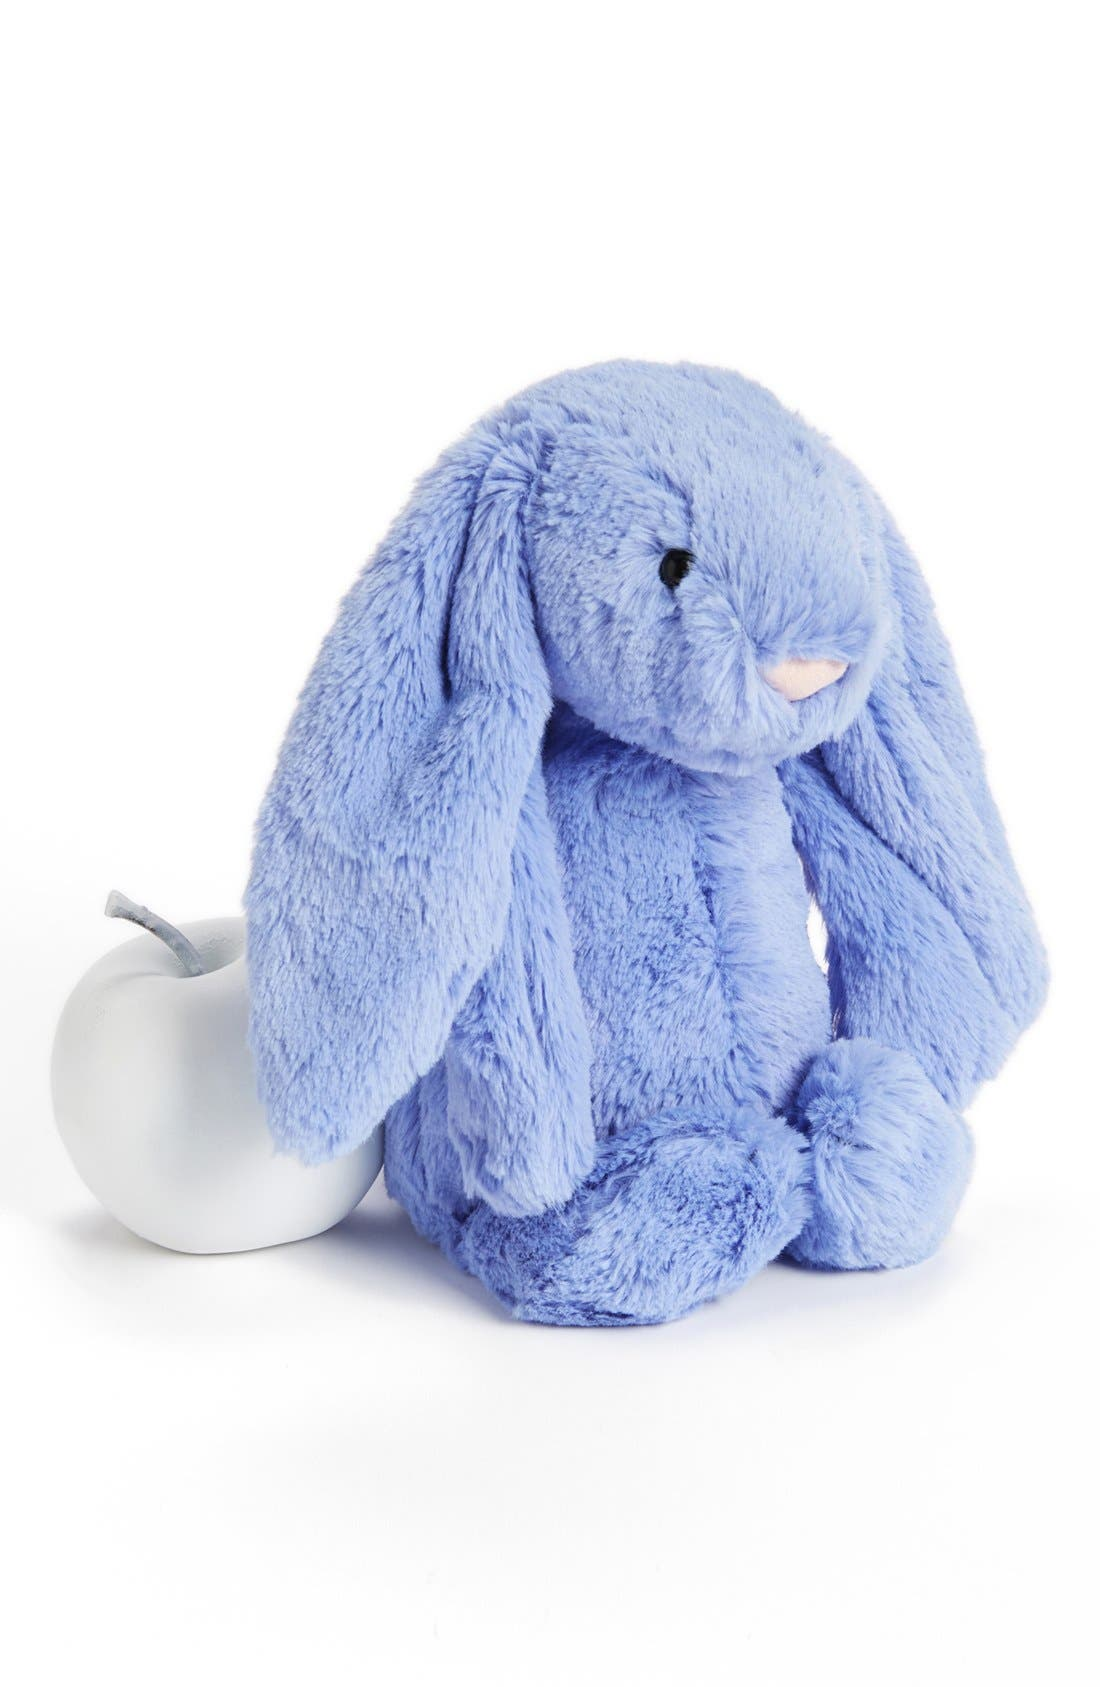 Main Image - Jellycat 'Bashful Bunny' Stuffed Animal